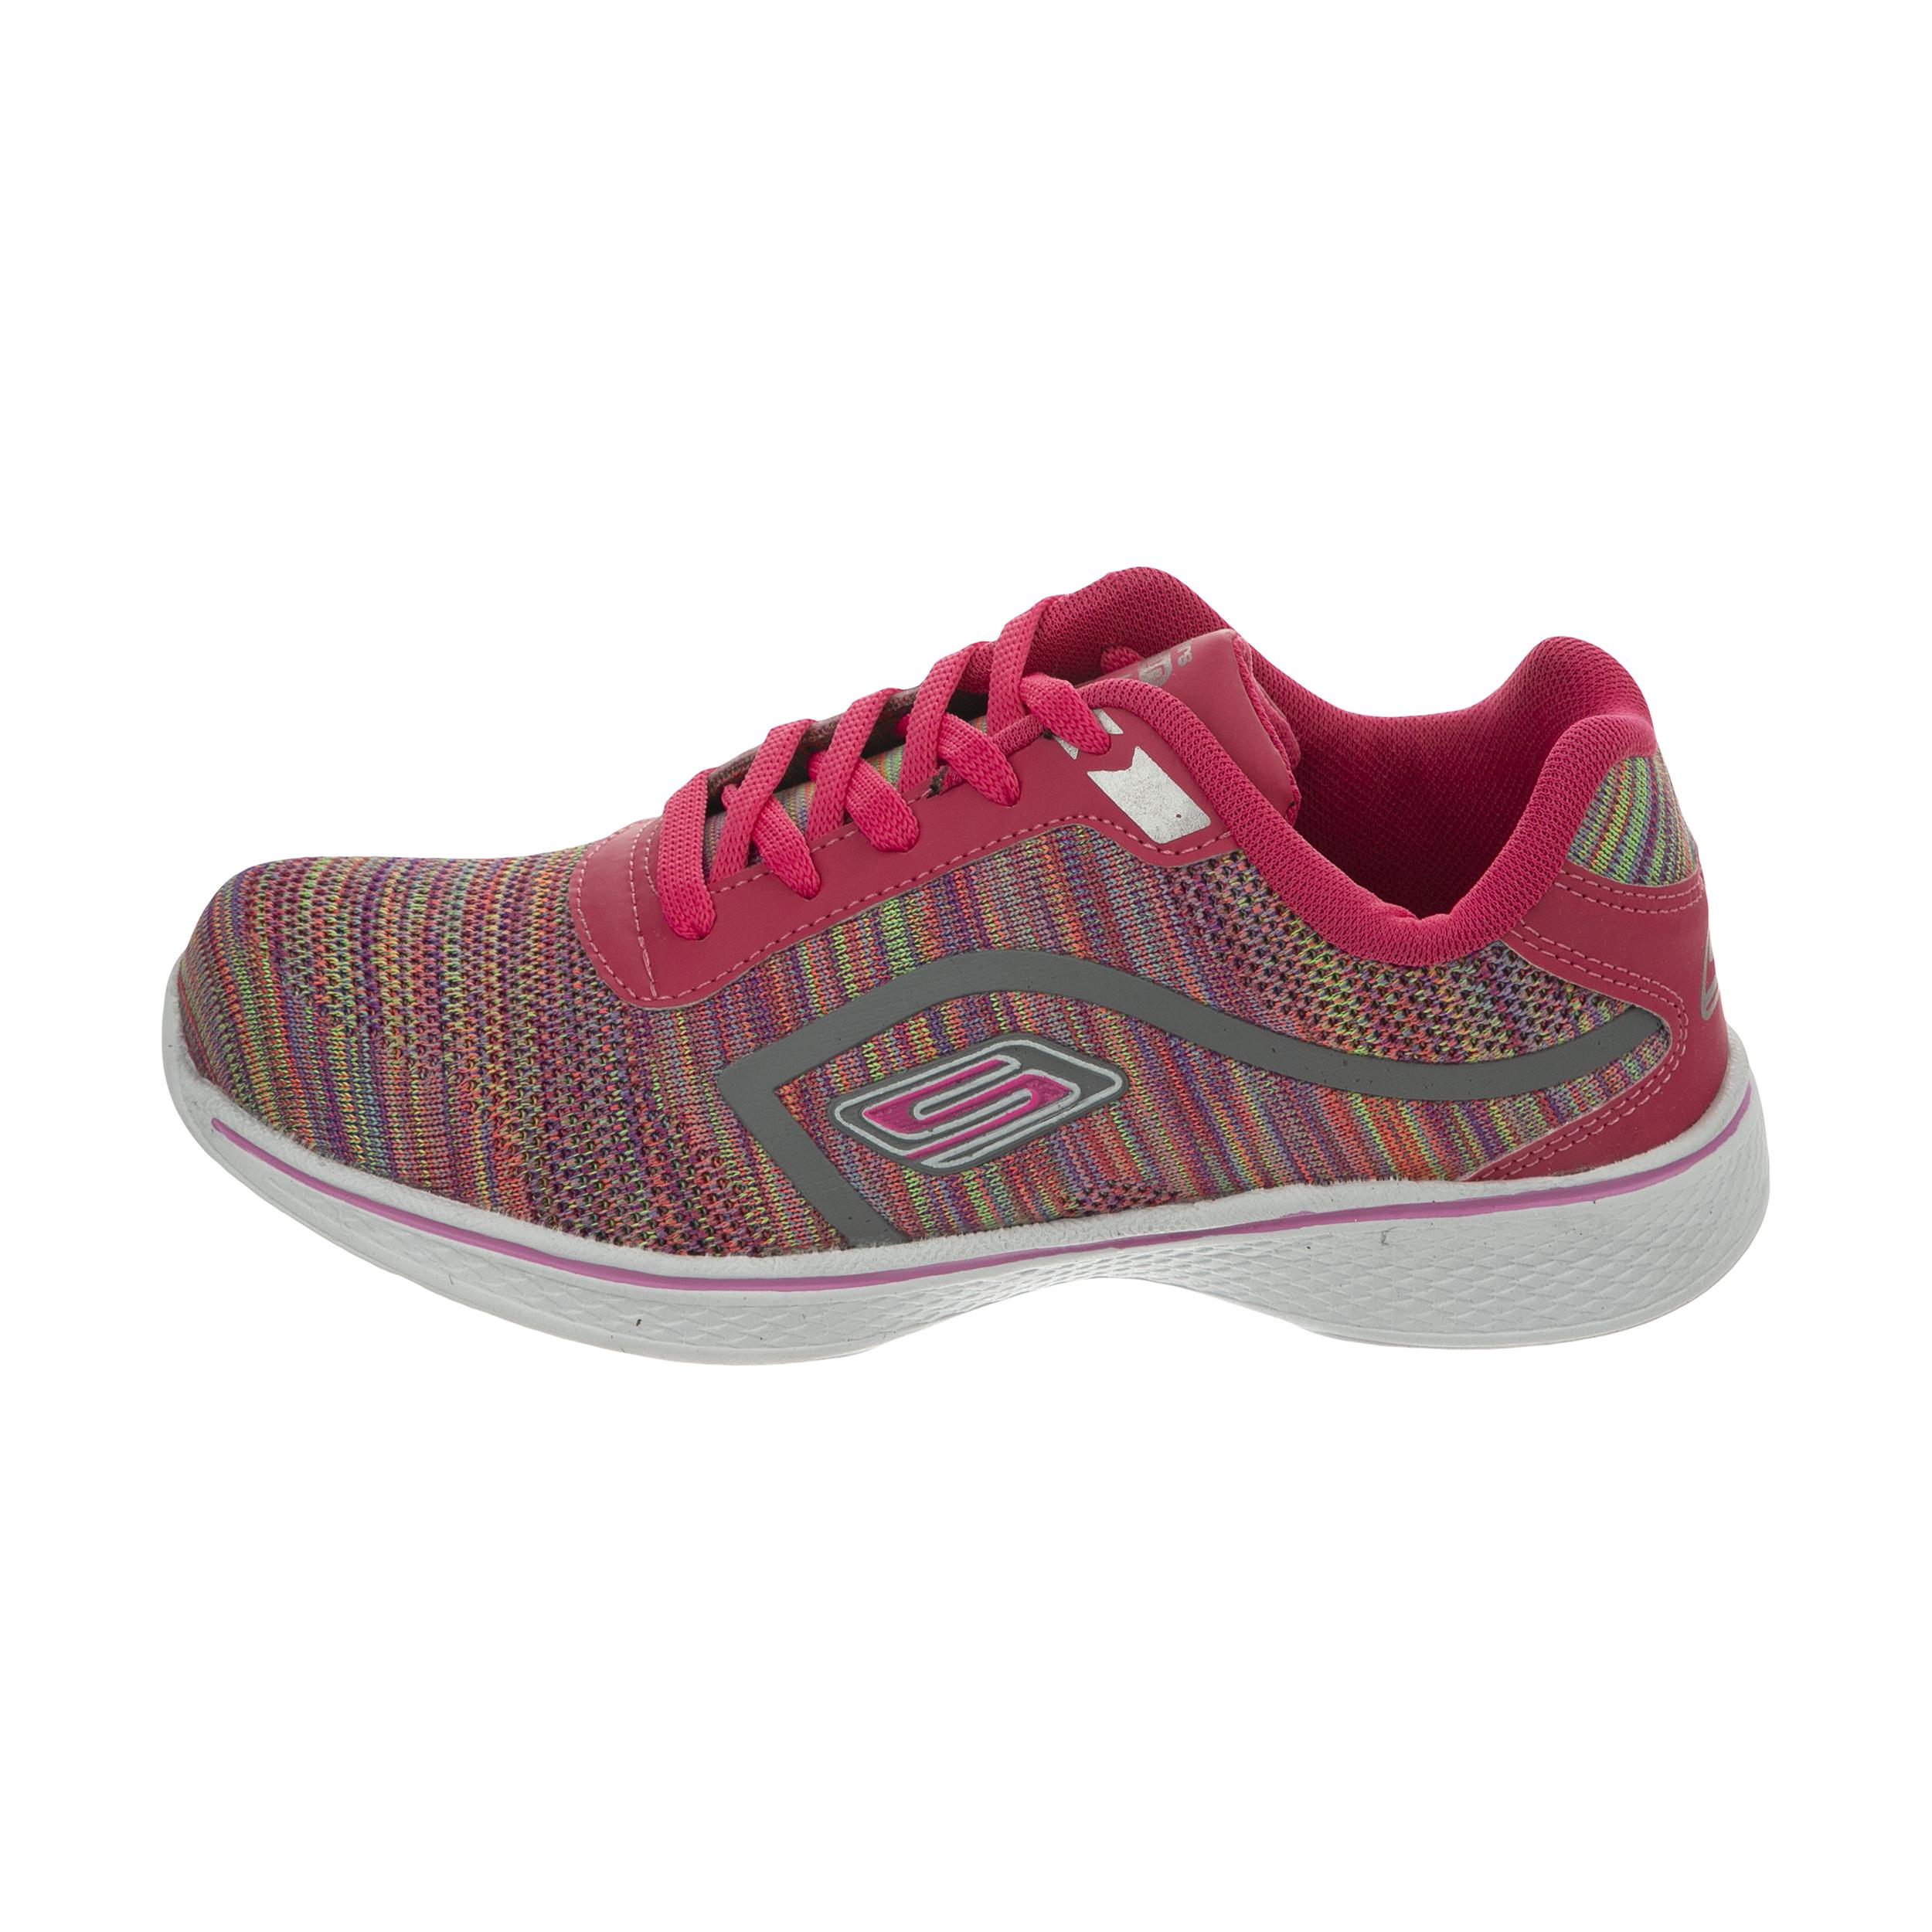 کفش مخصوص پیاده روی زنانه نسیم مدل 6k-07              خرید